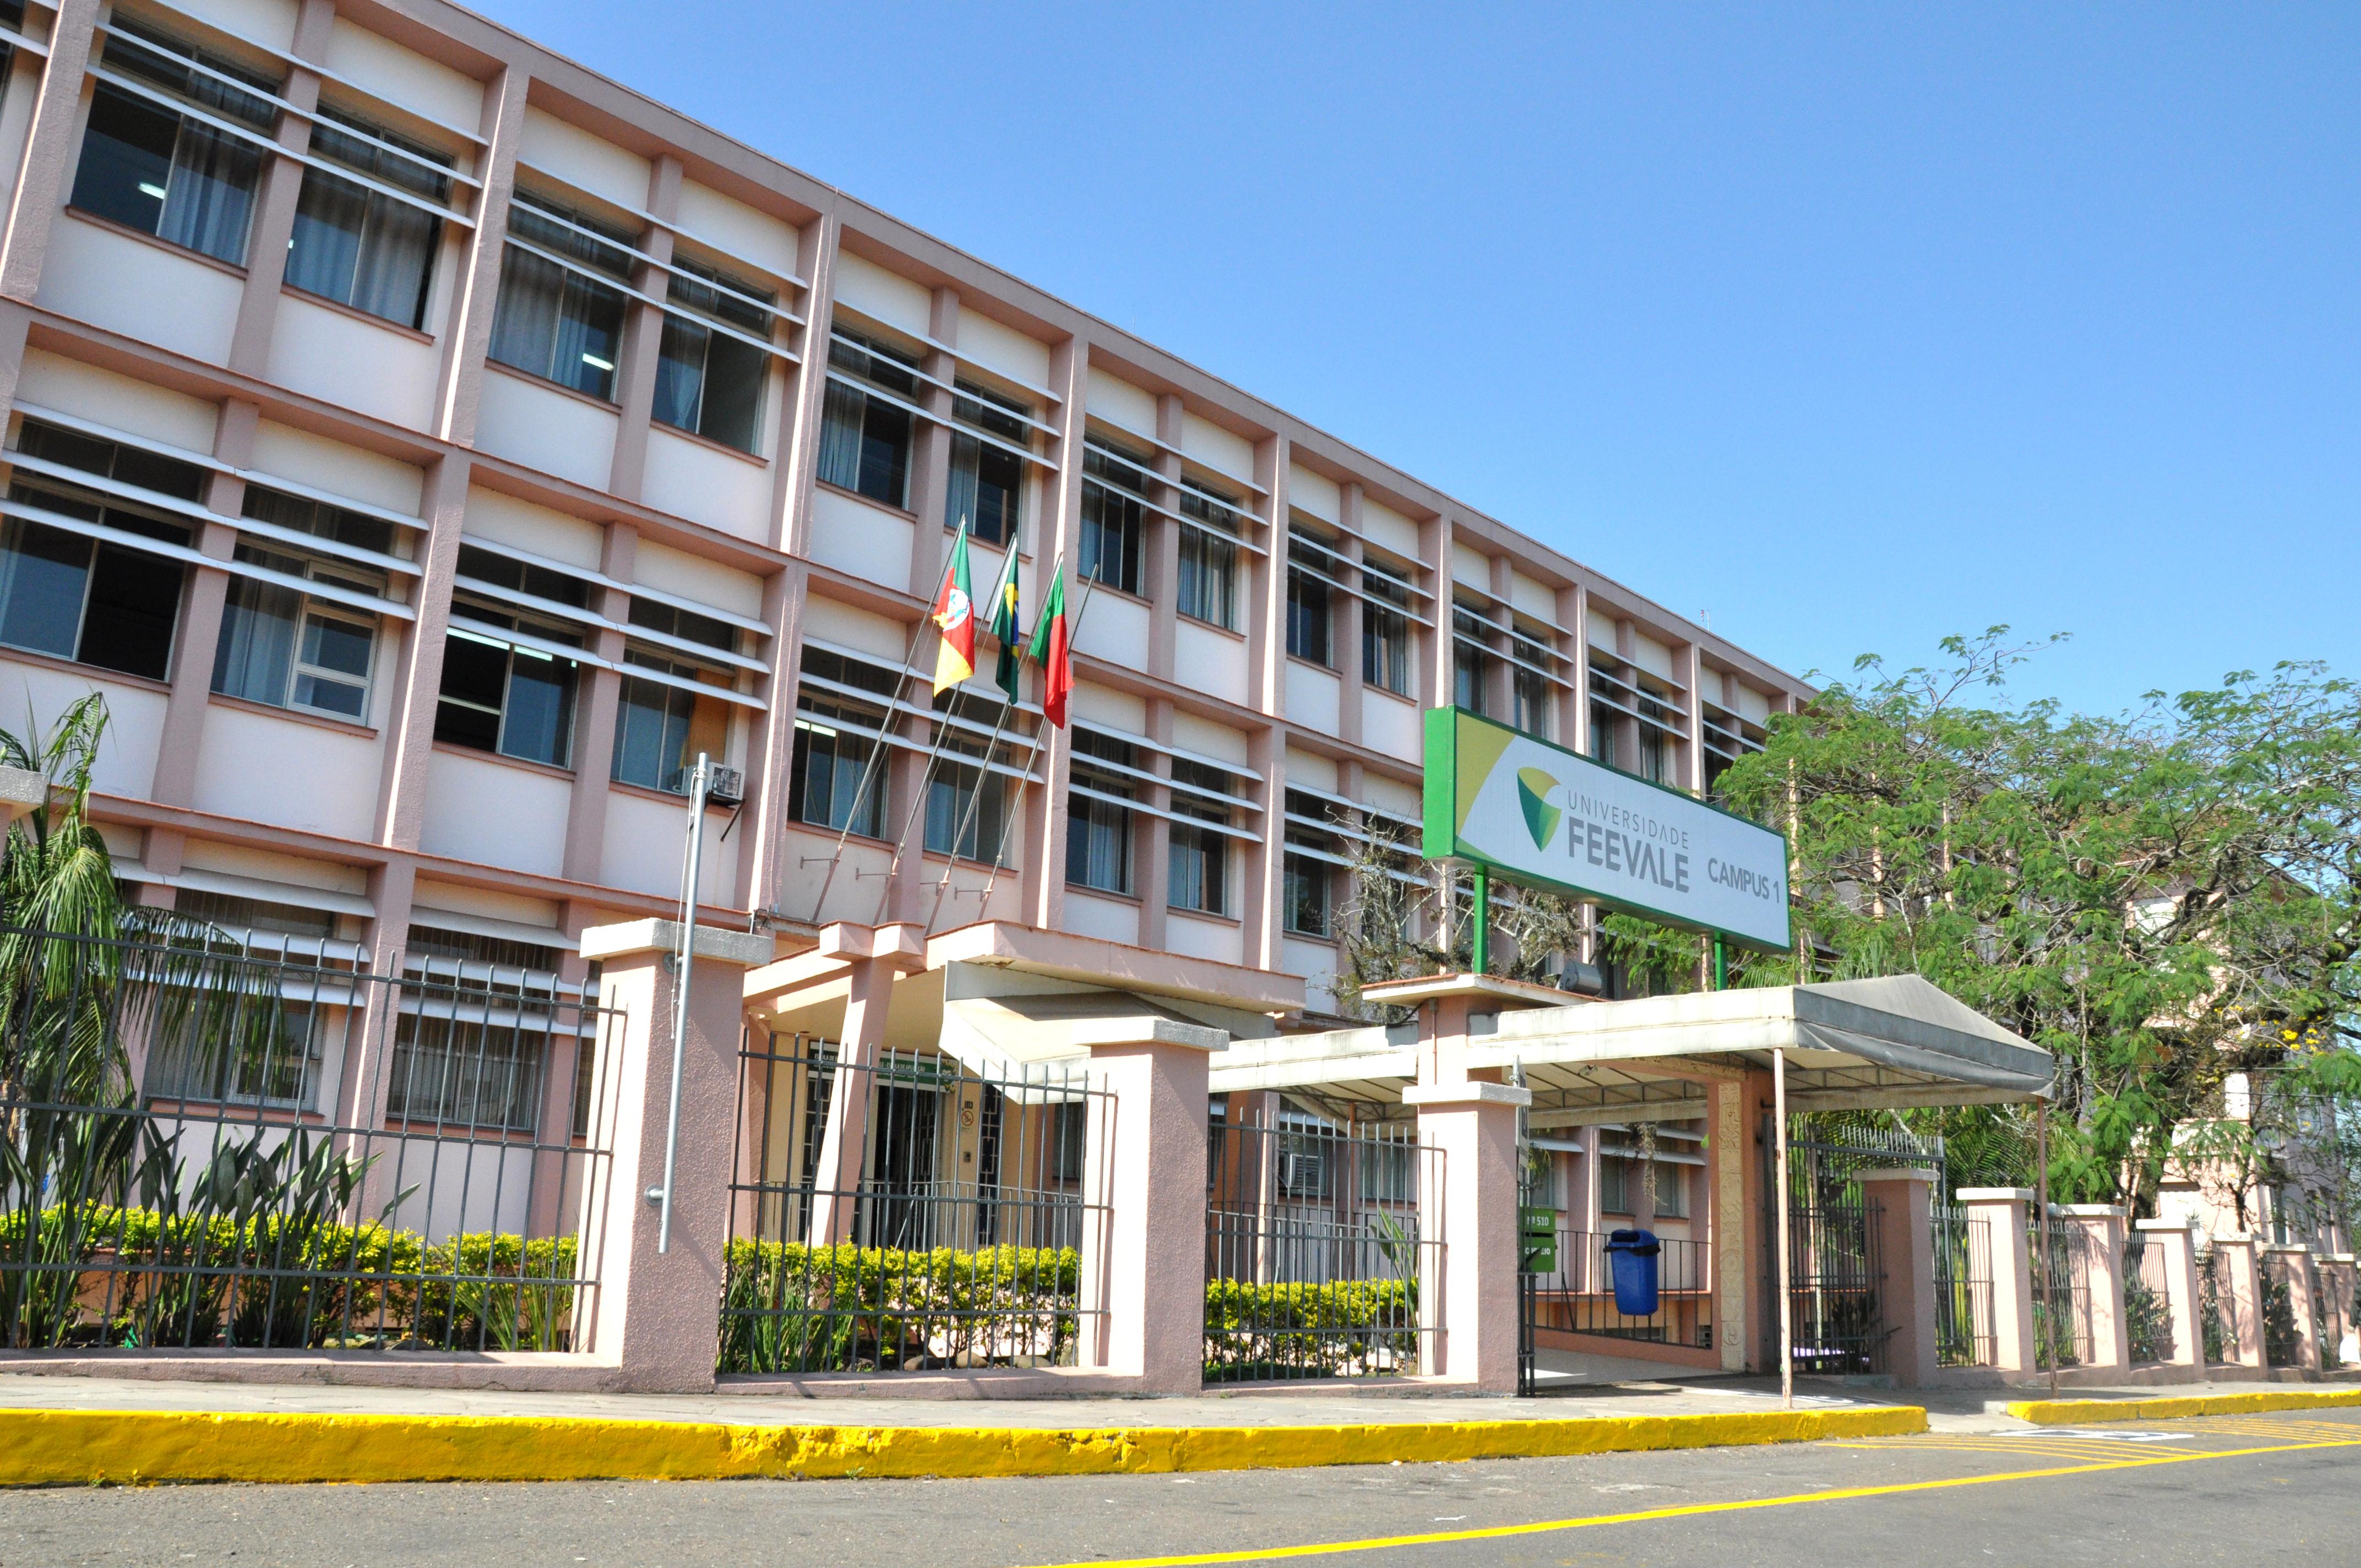 File:Escola de Aplicações.jpg - Wikimedia Commons: commons.wikimedia.org/wiki/File:Escola_de_Aplicações.jpg